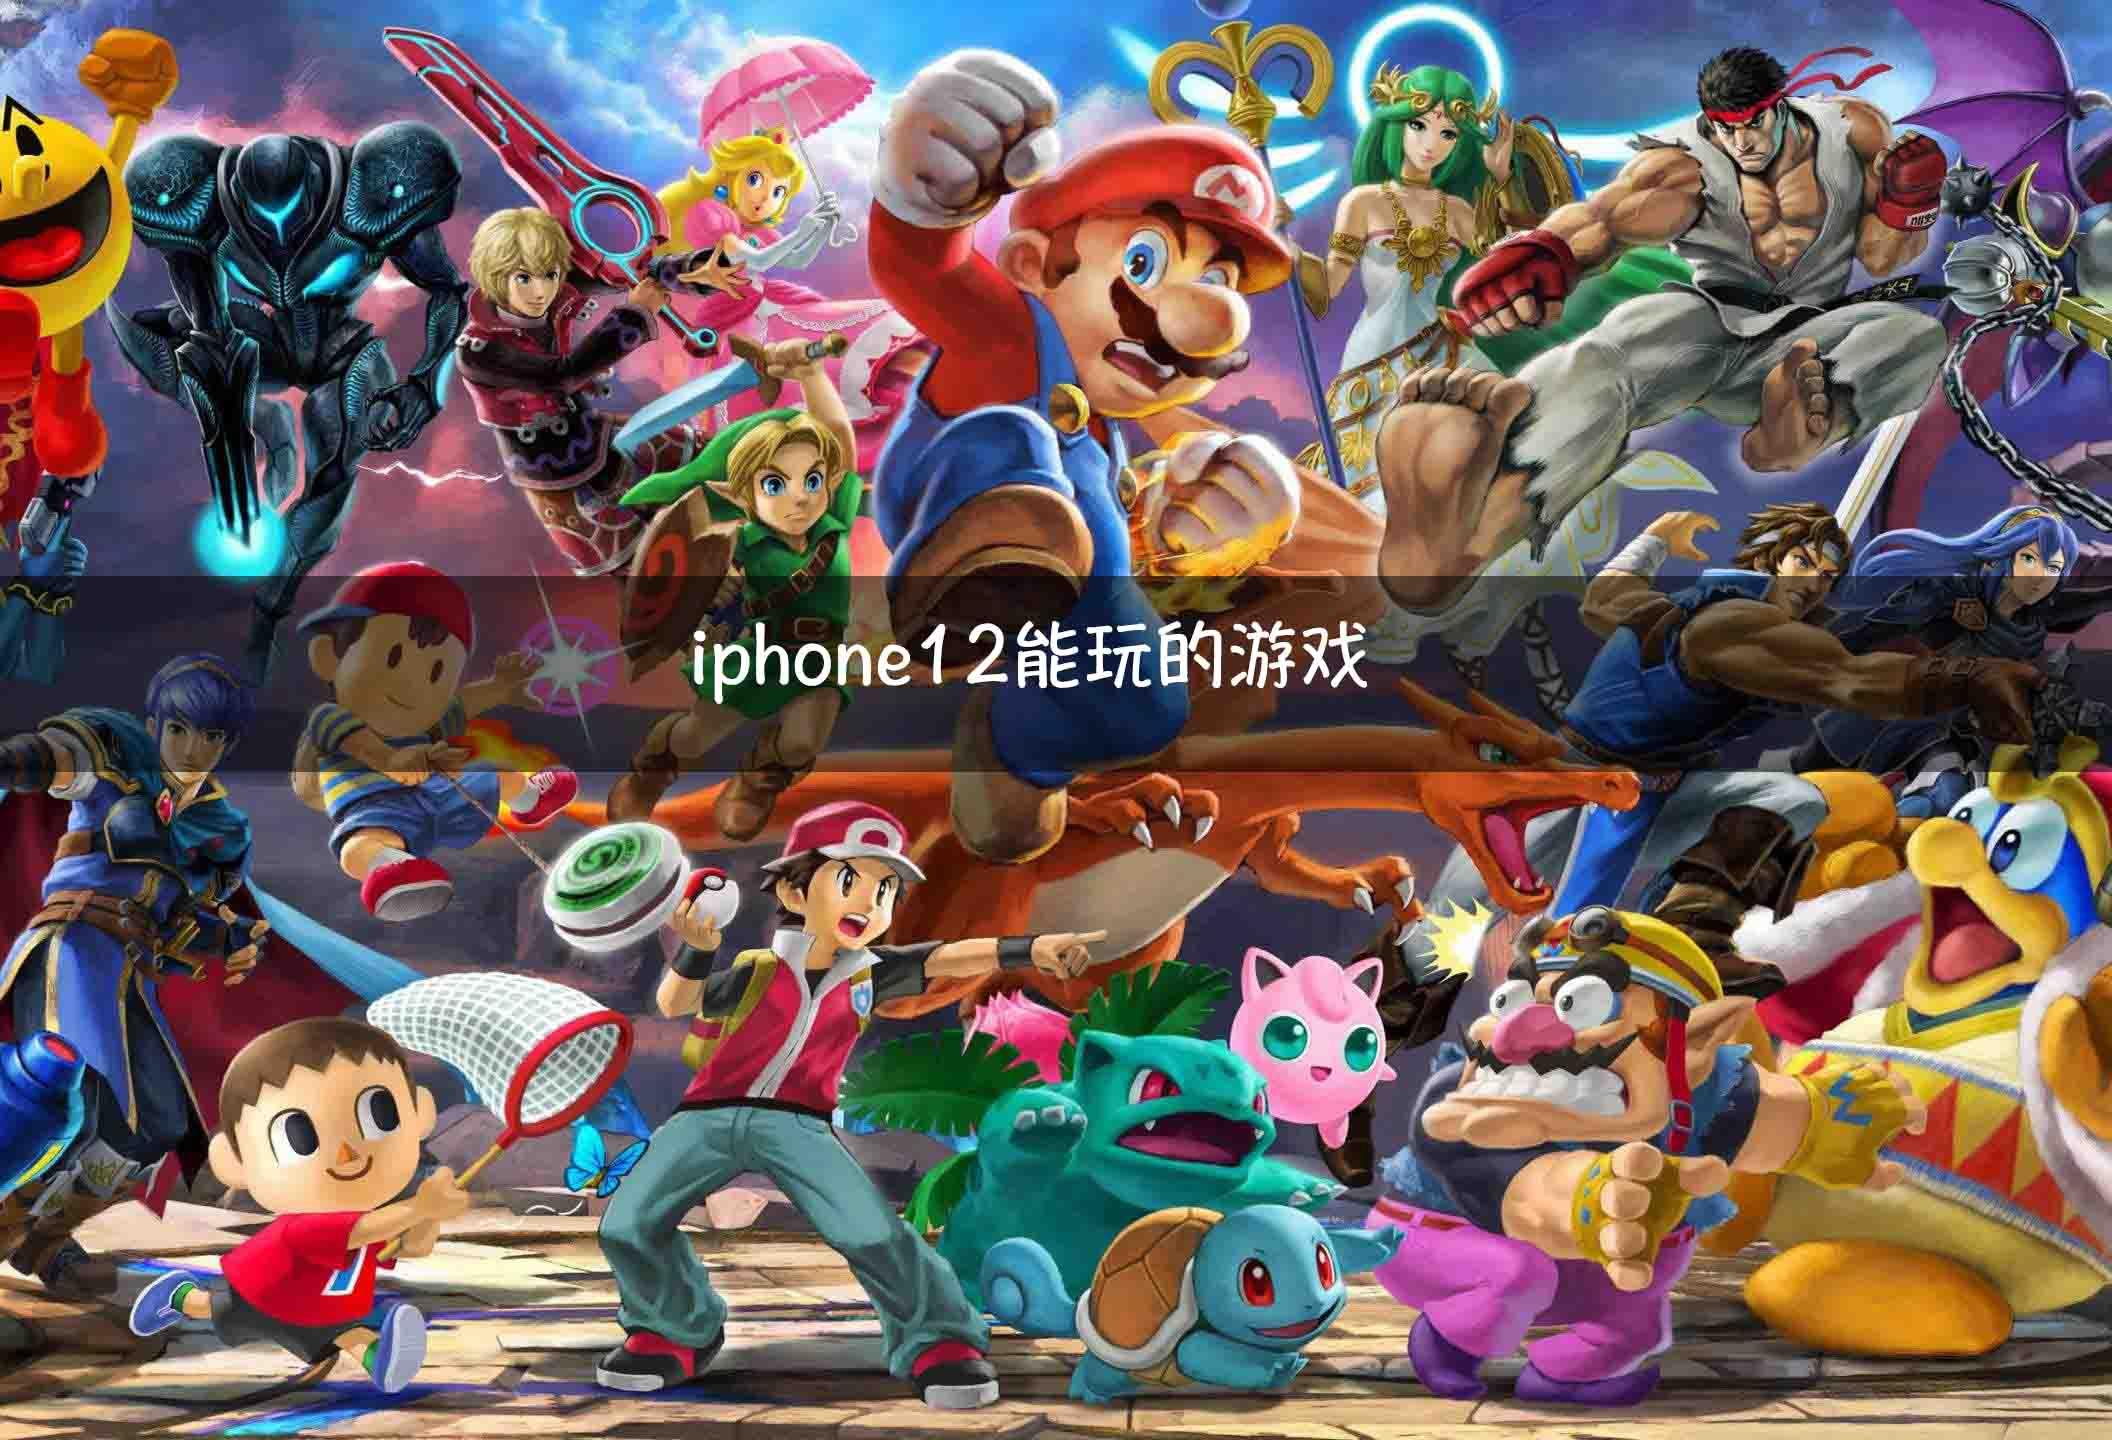 iphone12能玩的游戏